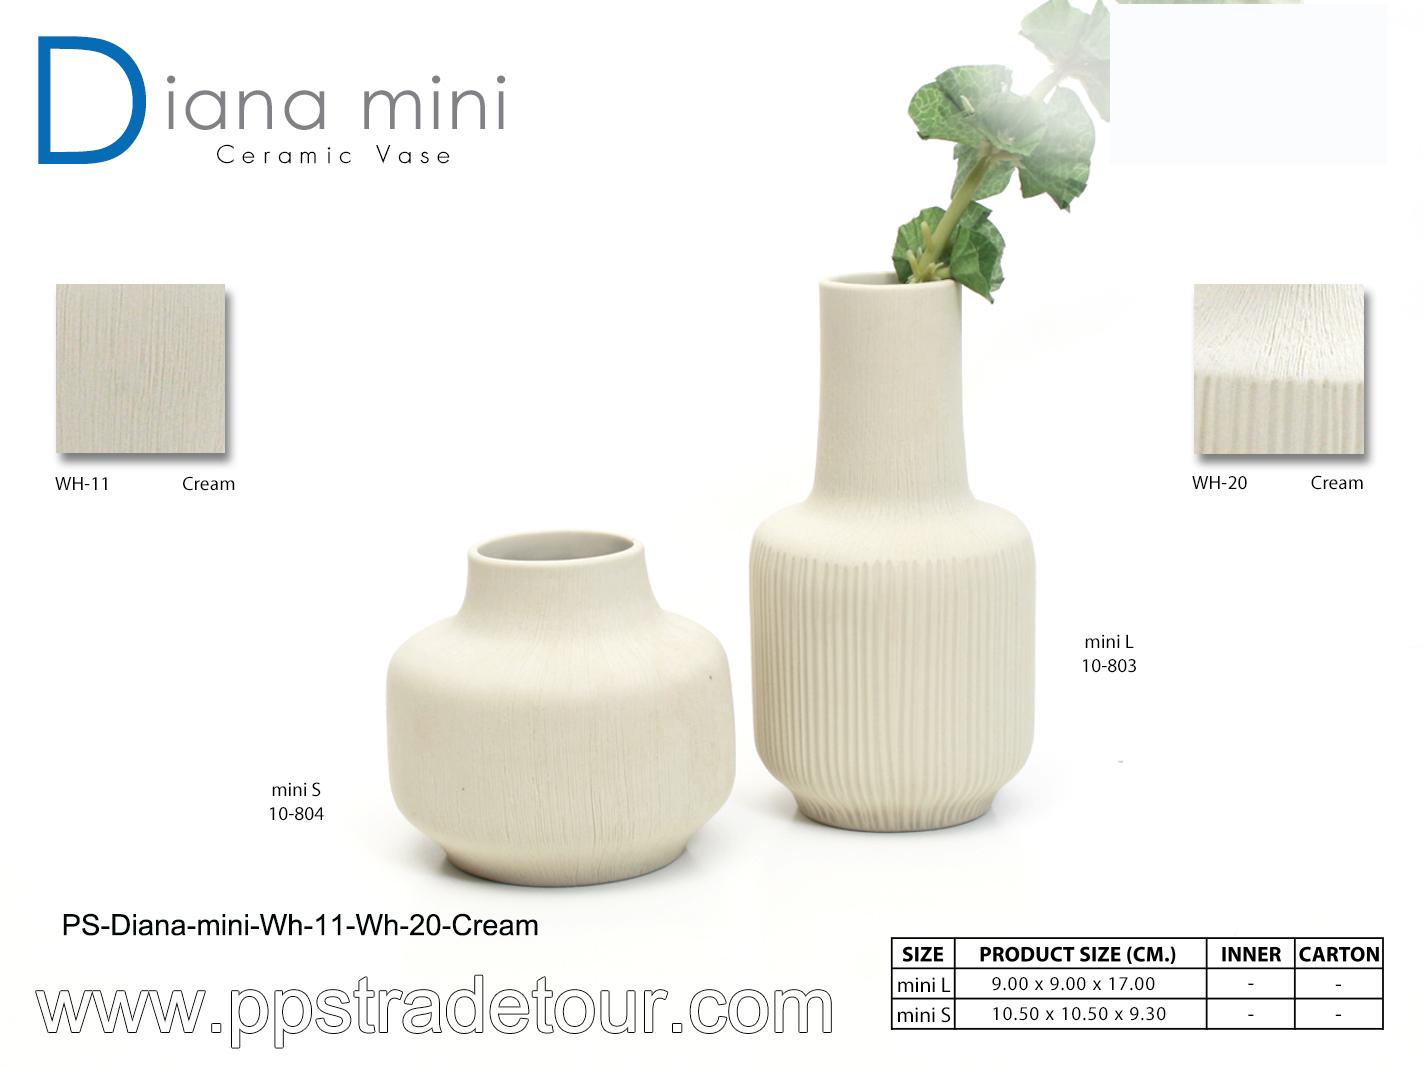 PSCV-Diana-mini-Wh-11-Wh-20-cream